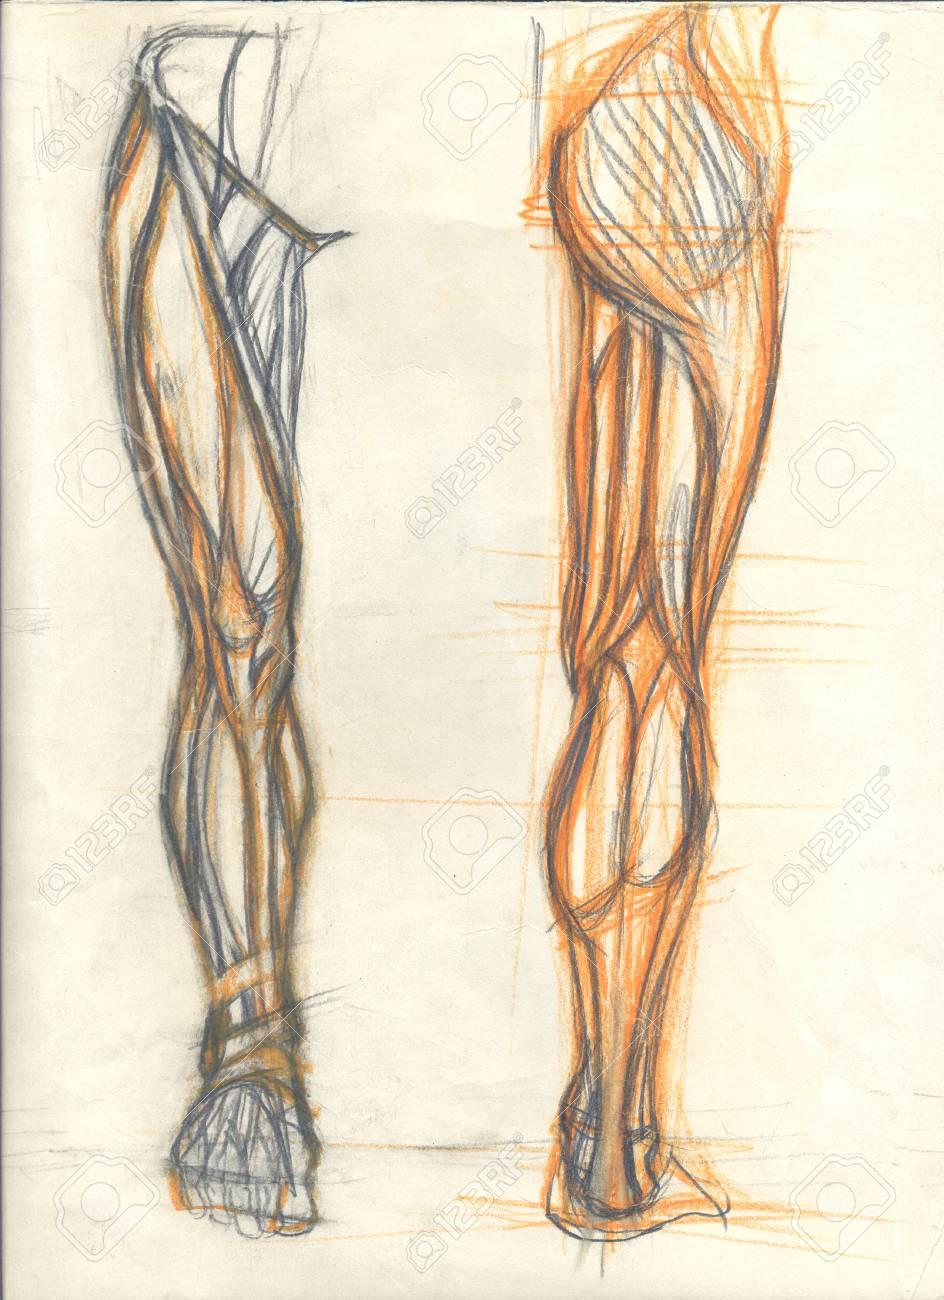 Ilustración Dibujada A Mano De Los Músculos De Las Piernas, Esbozos ...